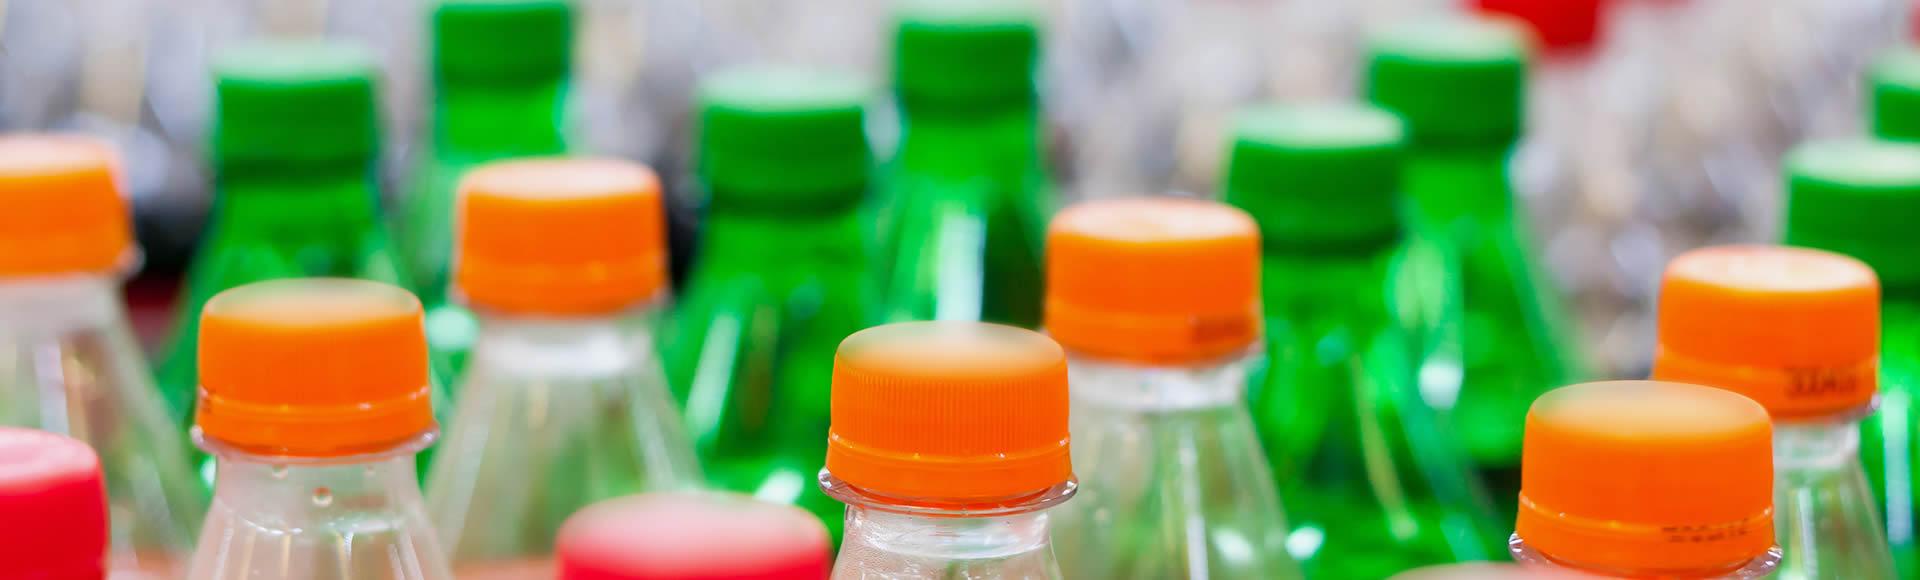 Soft-Drinks-Bottle-Tops-banner